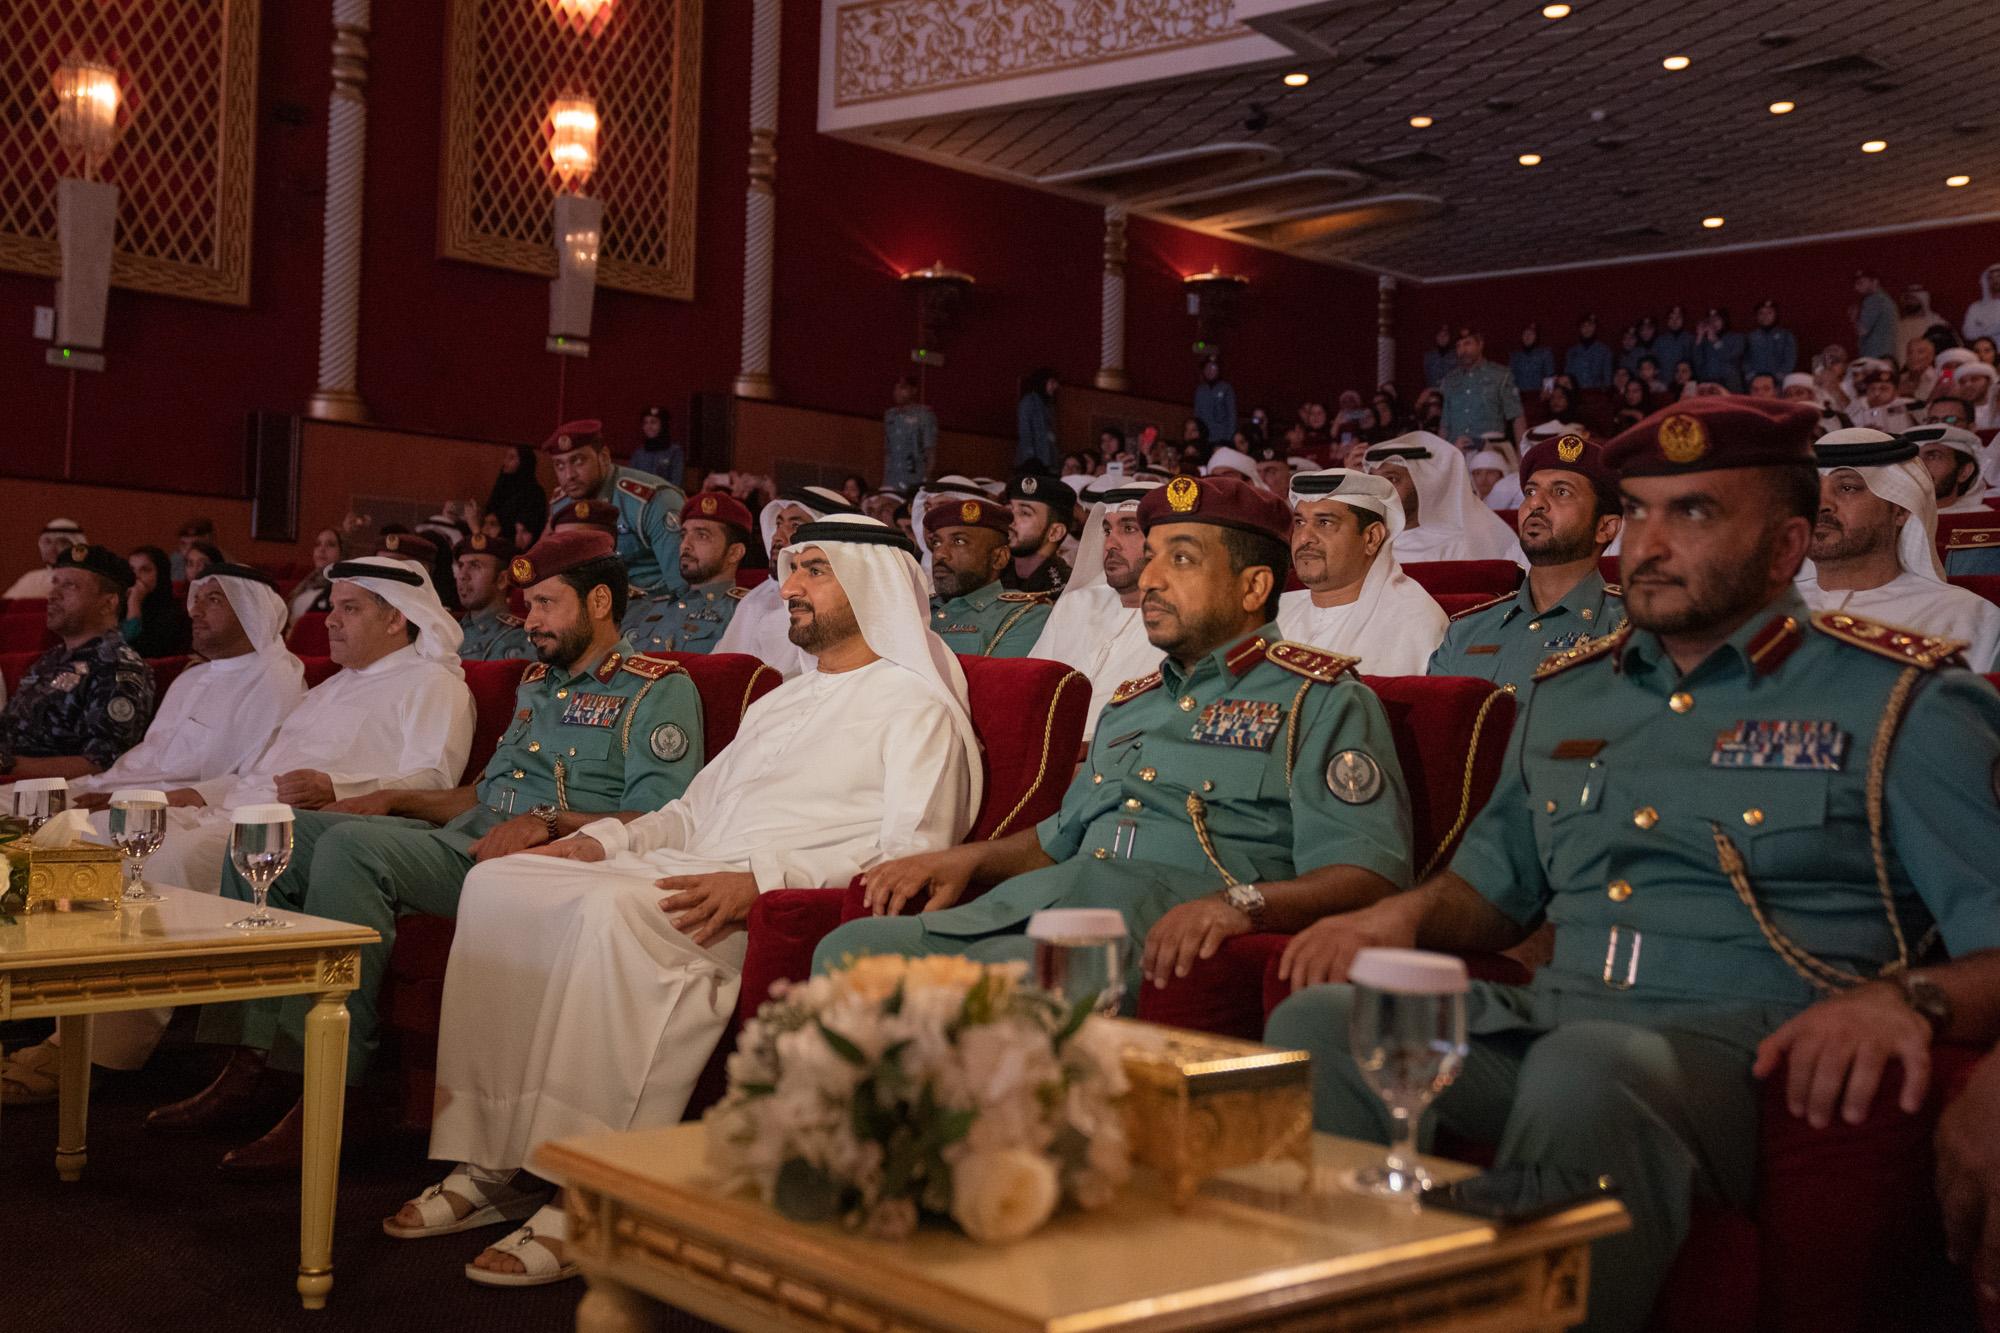 عبدالله بن سالم القاسمي يشهد تخريج الدورة الصيفية الـ 32 لأصدقاء الشرطة